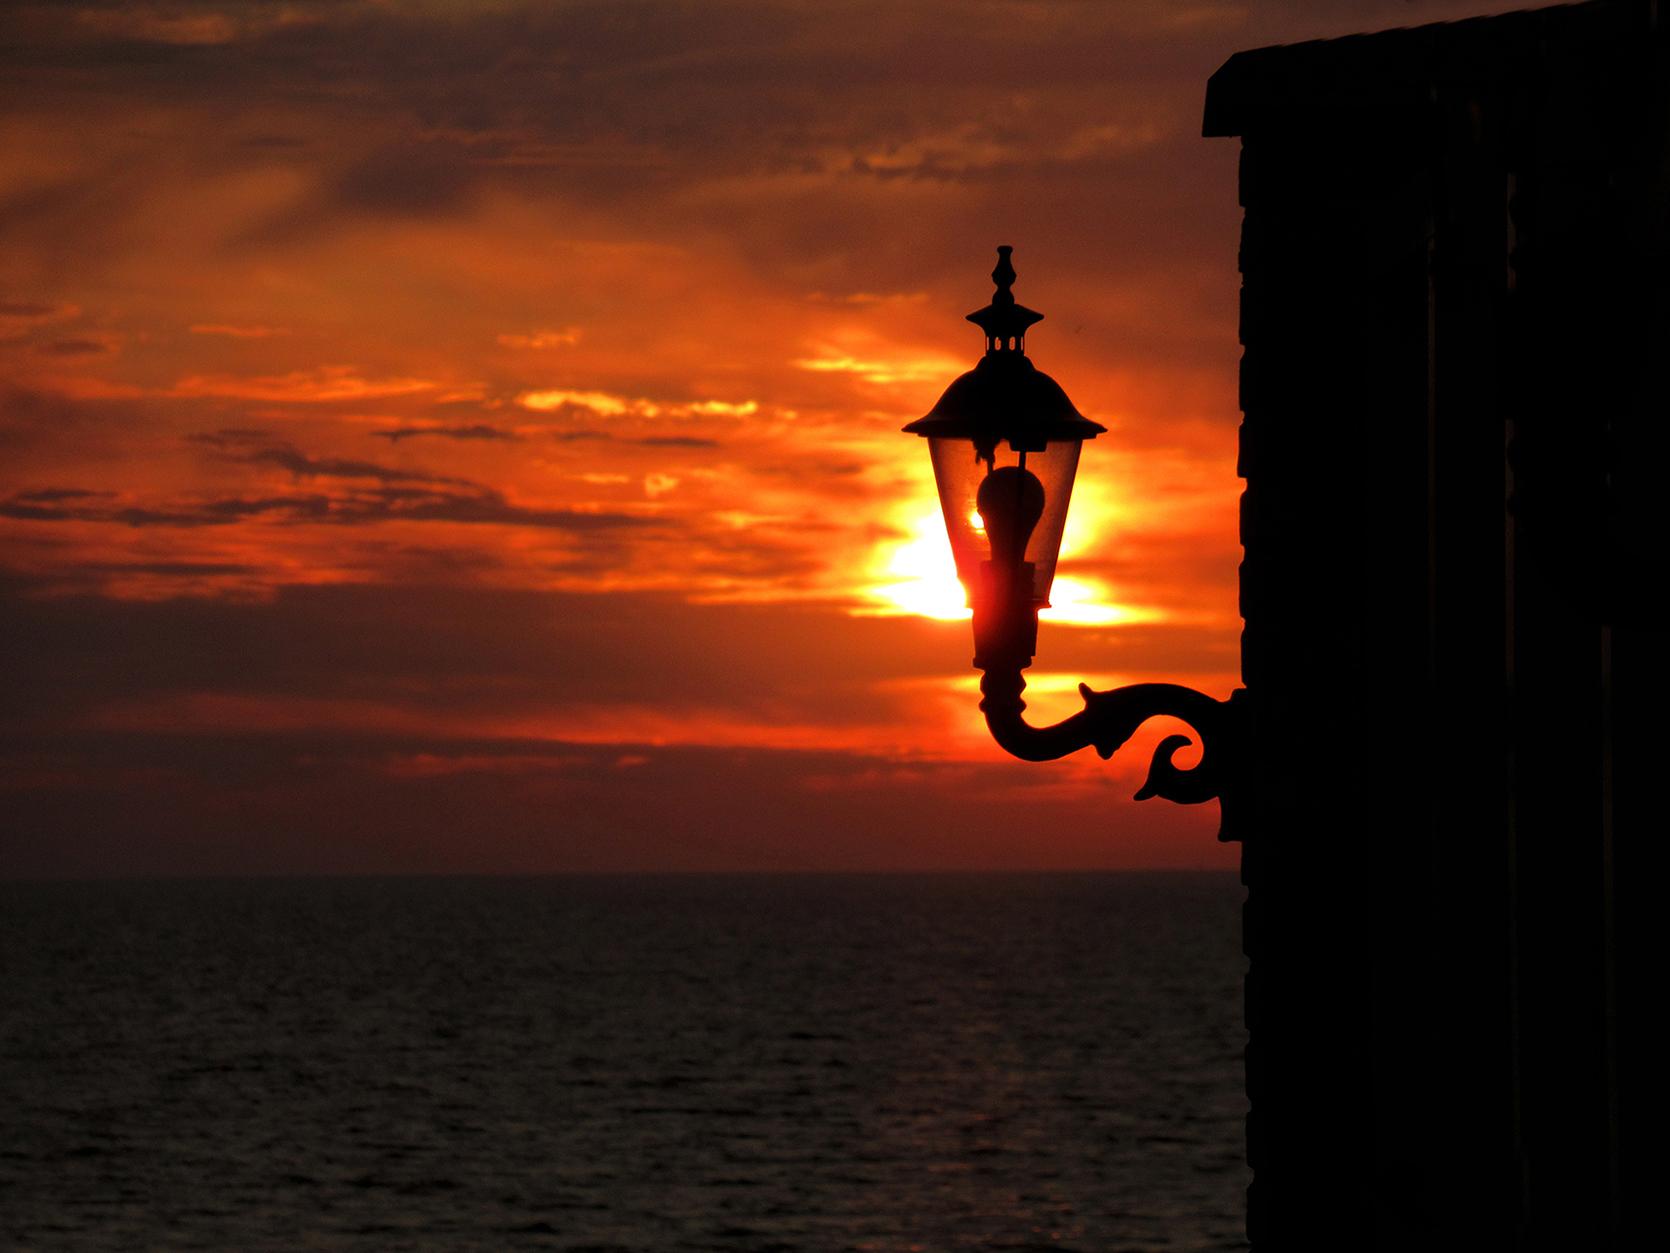 Avondstemming met het laatste zonlicht door de lantaarn (zonne-energie) van het restaurant aan zee - Foto: © Louis Fraanje